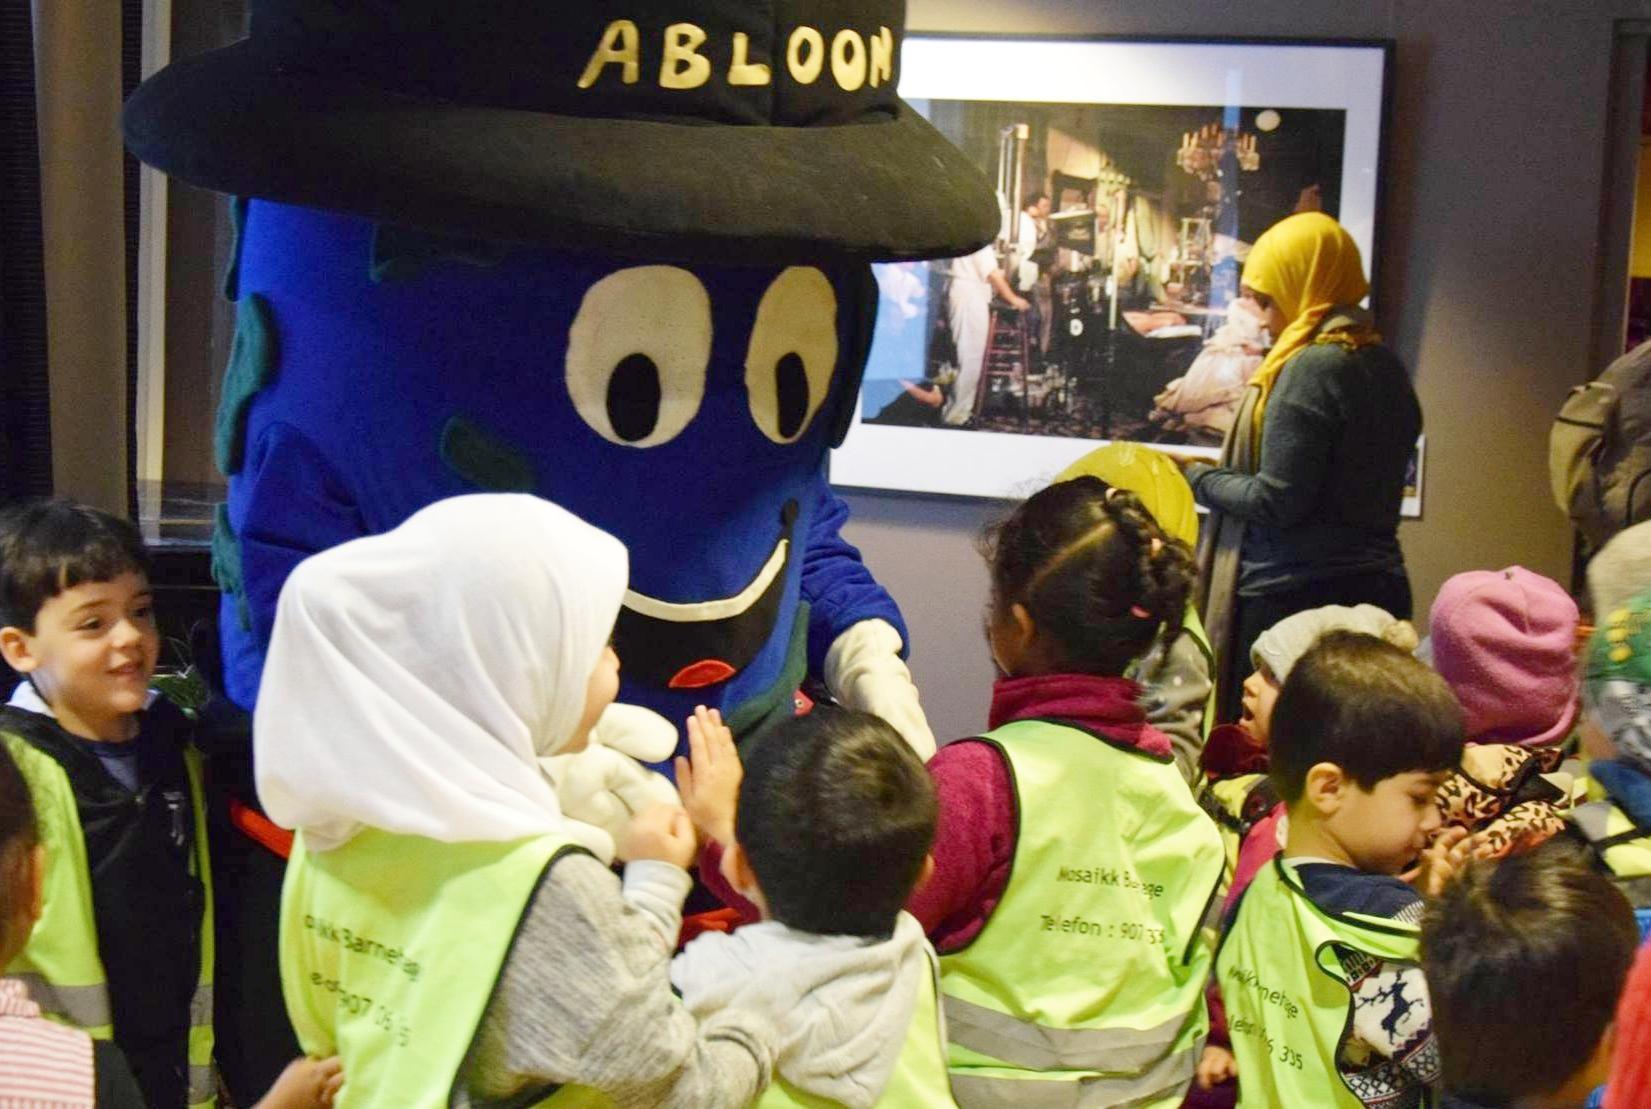 Barna storkoste seg på Barnehagens dag under Abloom Filmfestival 2018.